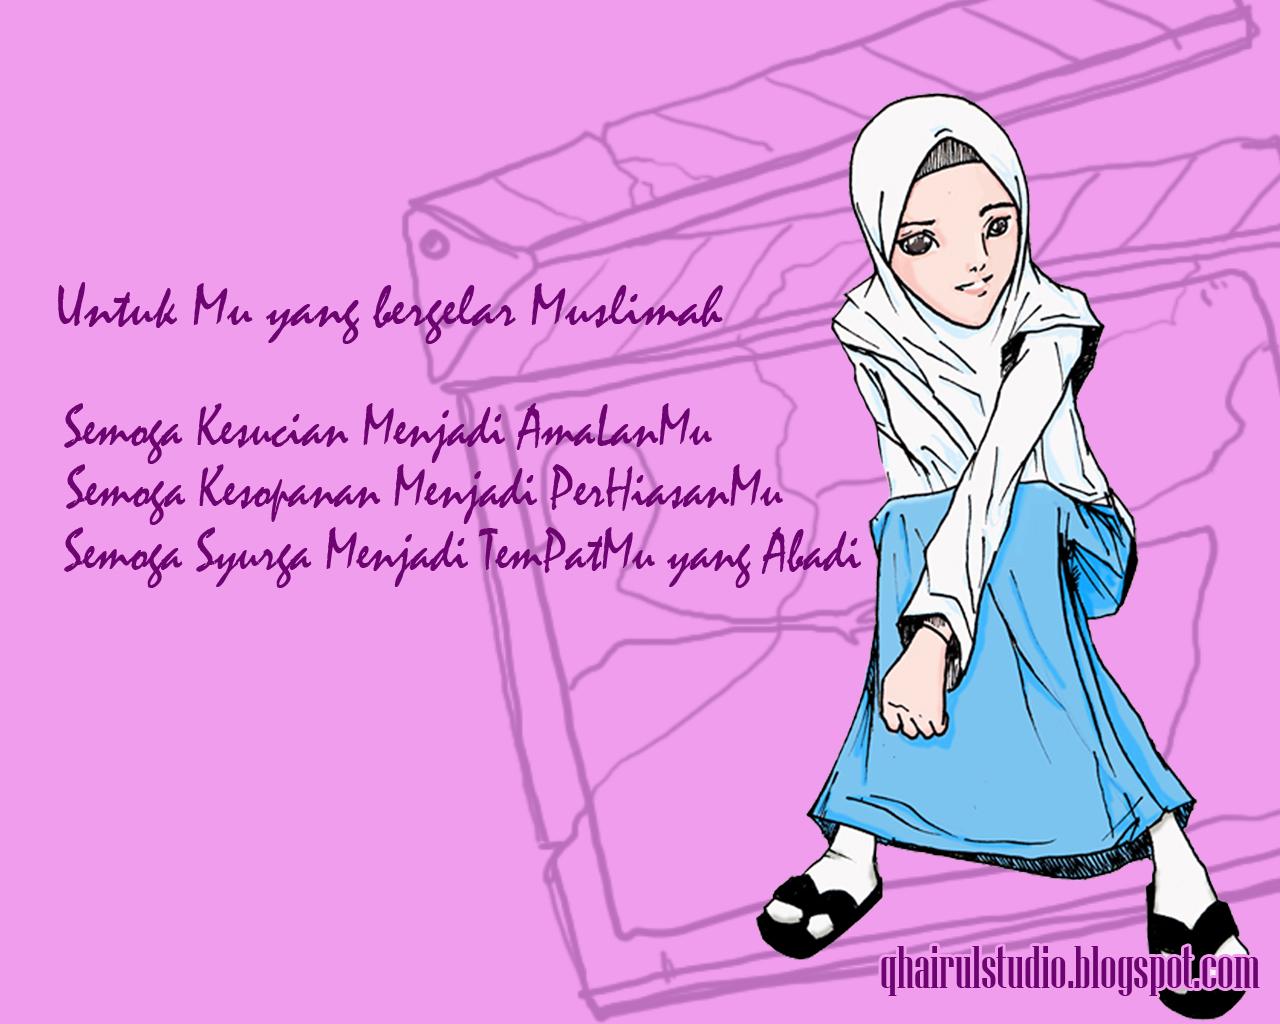 Koleksi 430  Gambar Animasi Kartun Hijab Bergerak HD Free Downloads